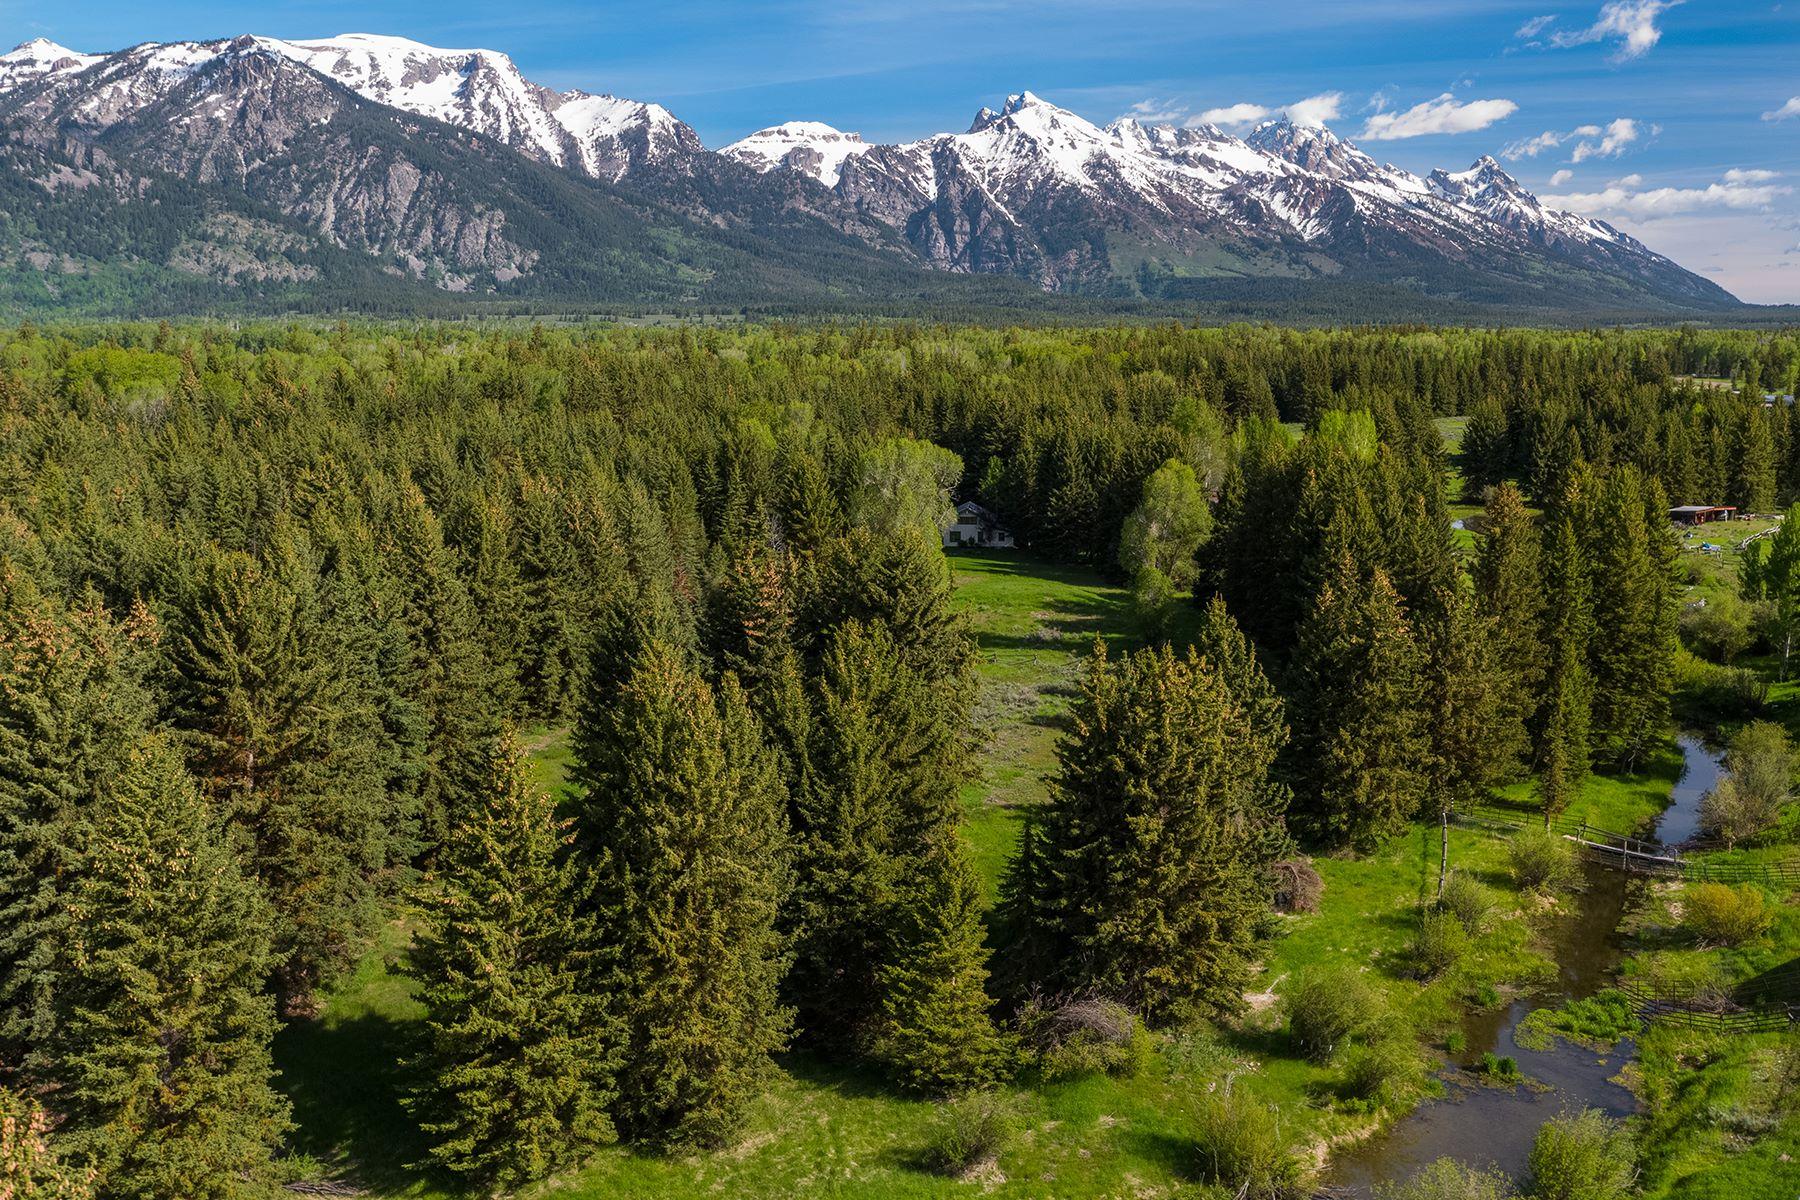 Property for Sale at 6550 N Knori Lane Jackson, Wyoming 83001 United States